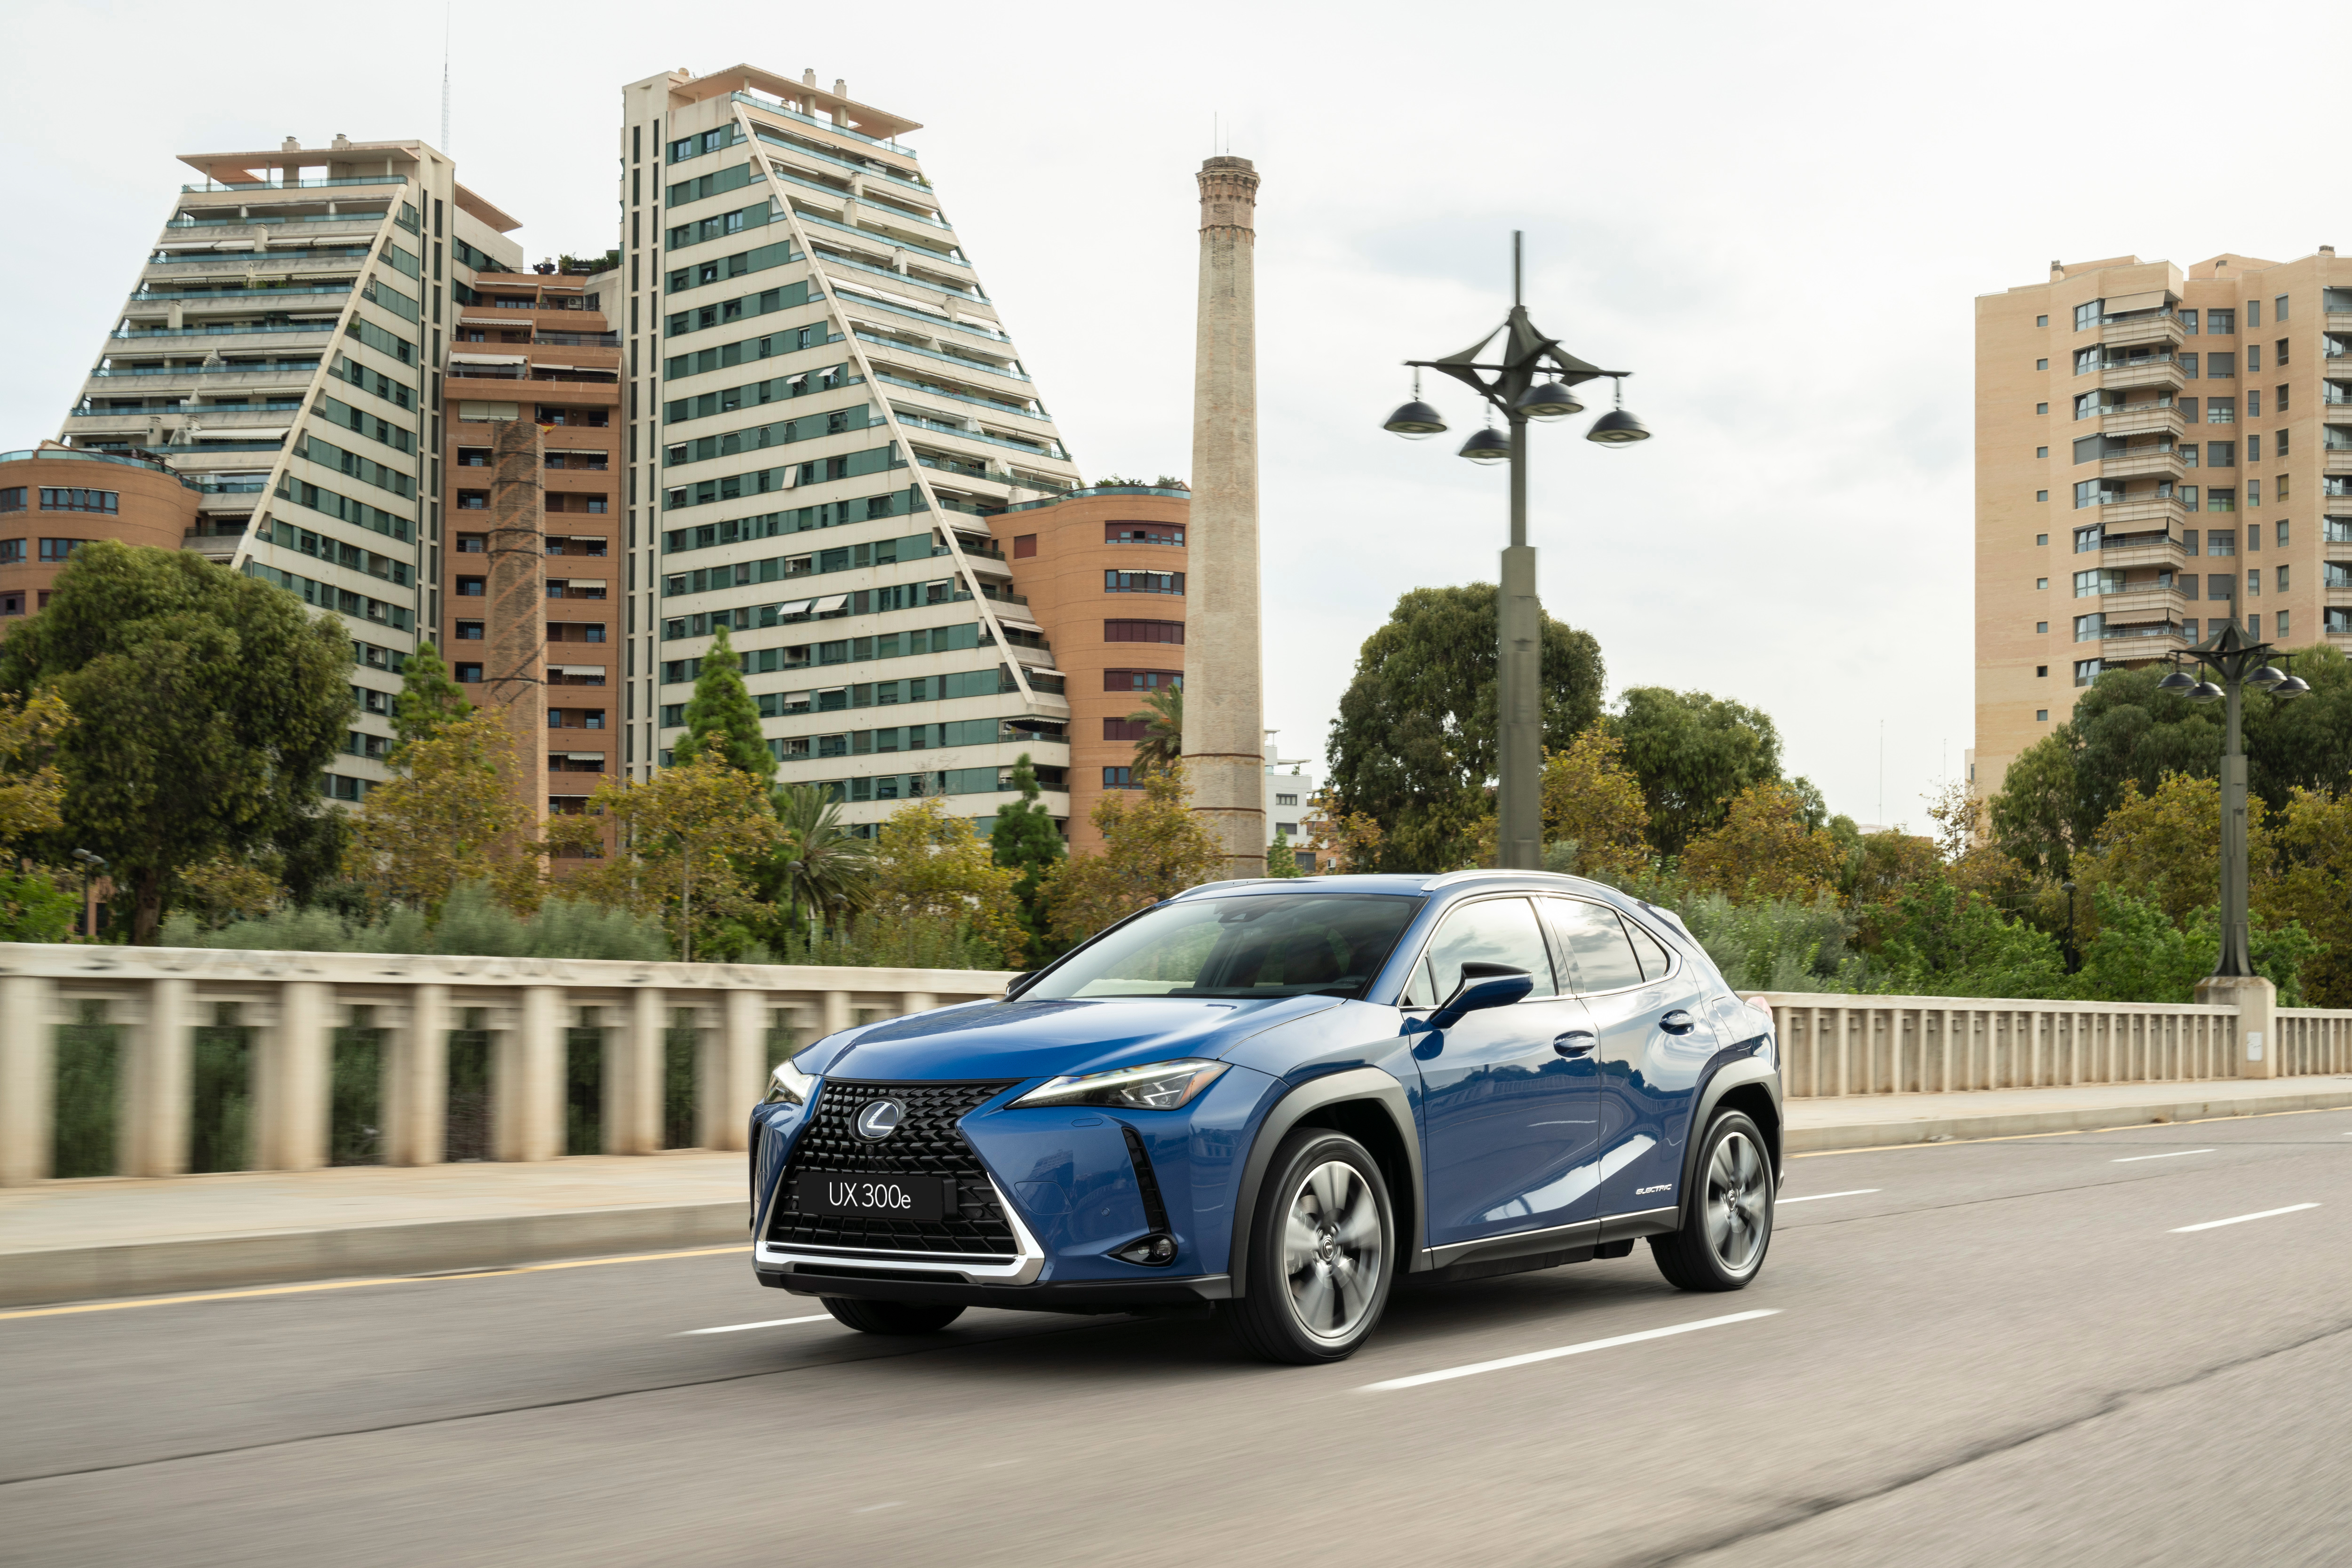 Uma condução defensiva é recomendada para garantir viagens seguras para todos os ocupantes do seu Lexus.